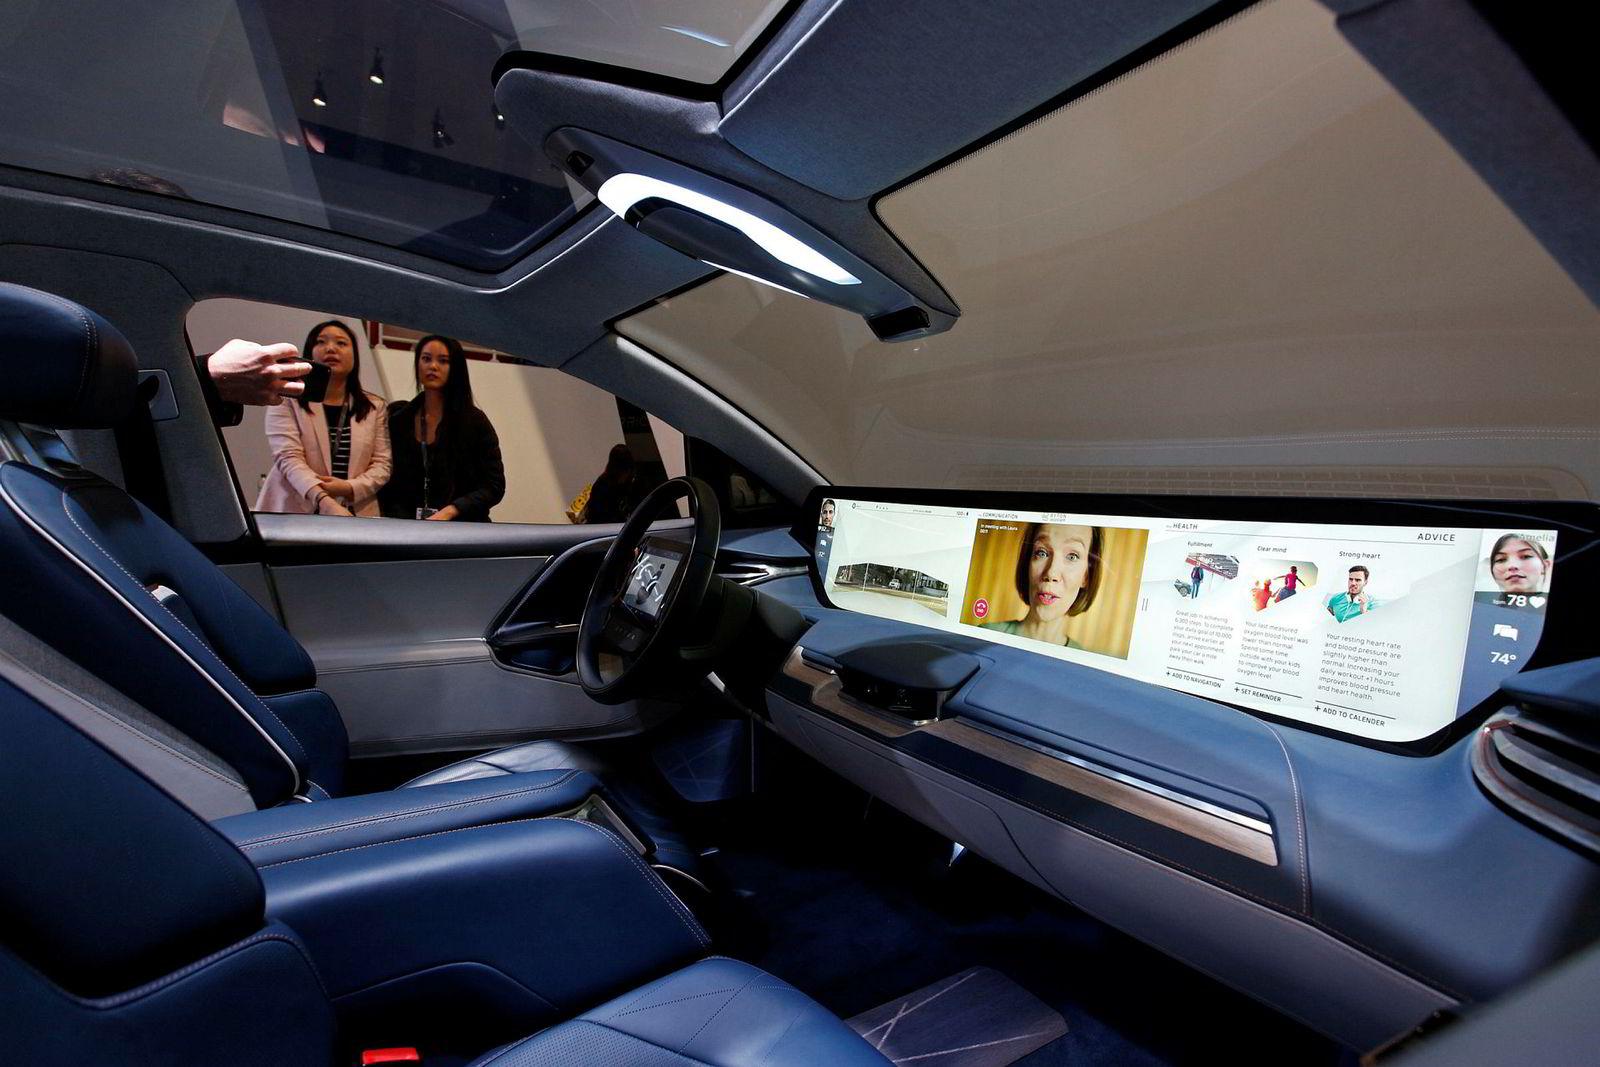 Byton sier bilen er bygget rundt brukeropplevelsen, der denne store skjermen er viktigste aktør.